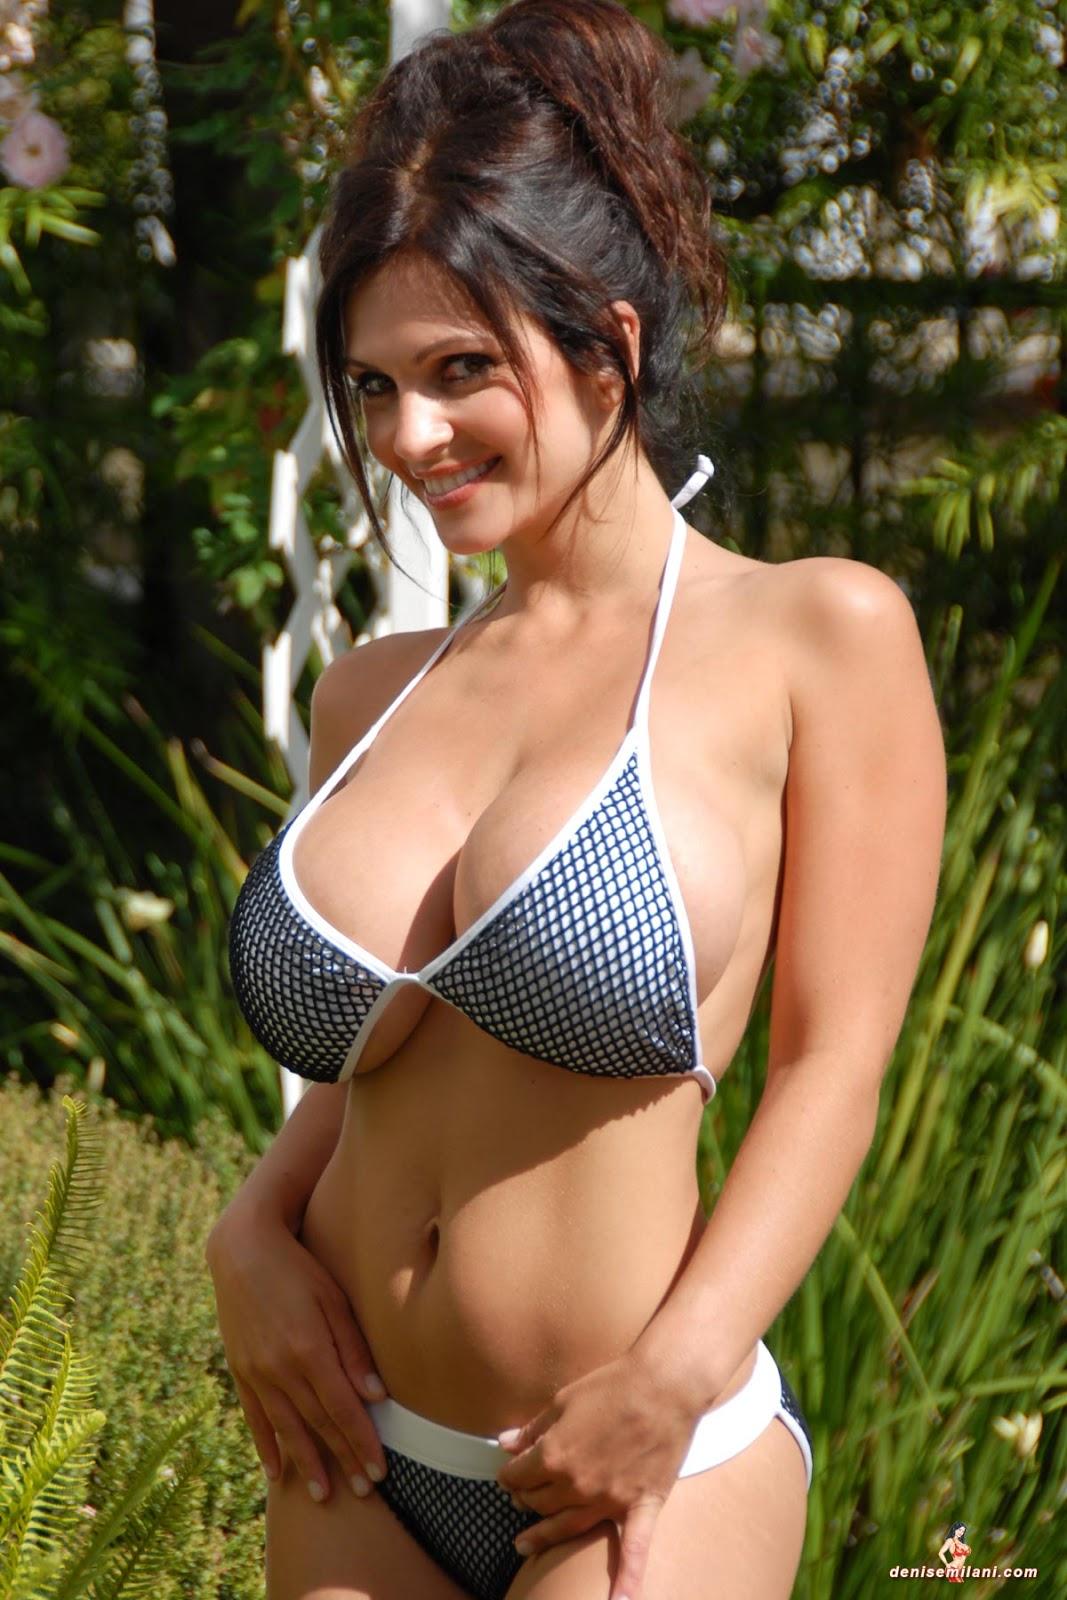 Denise milani hot tub